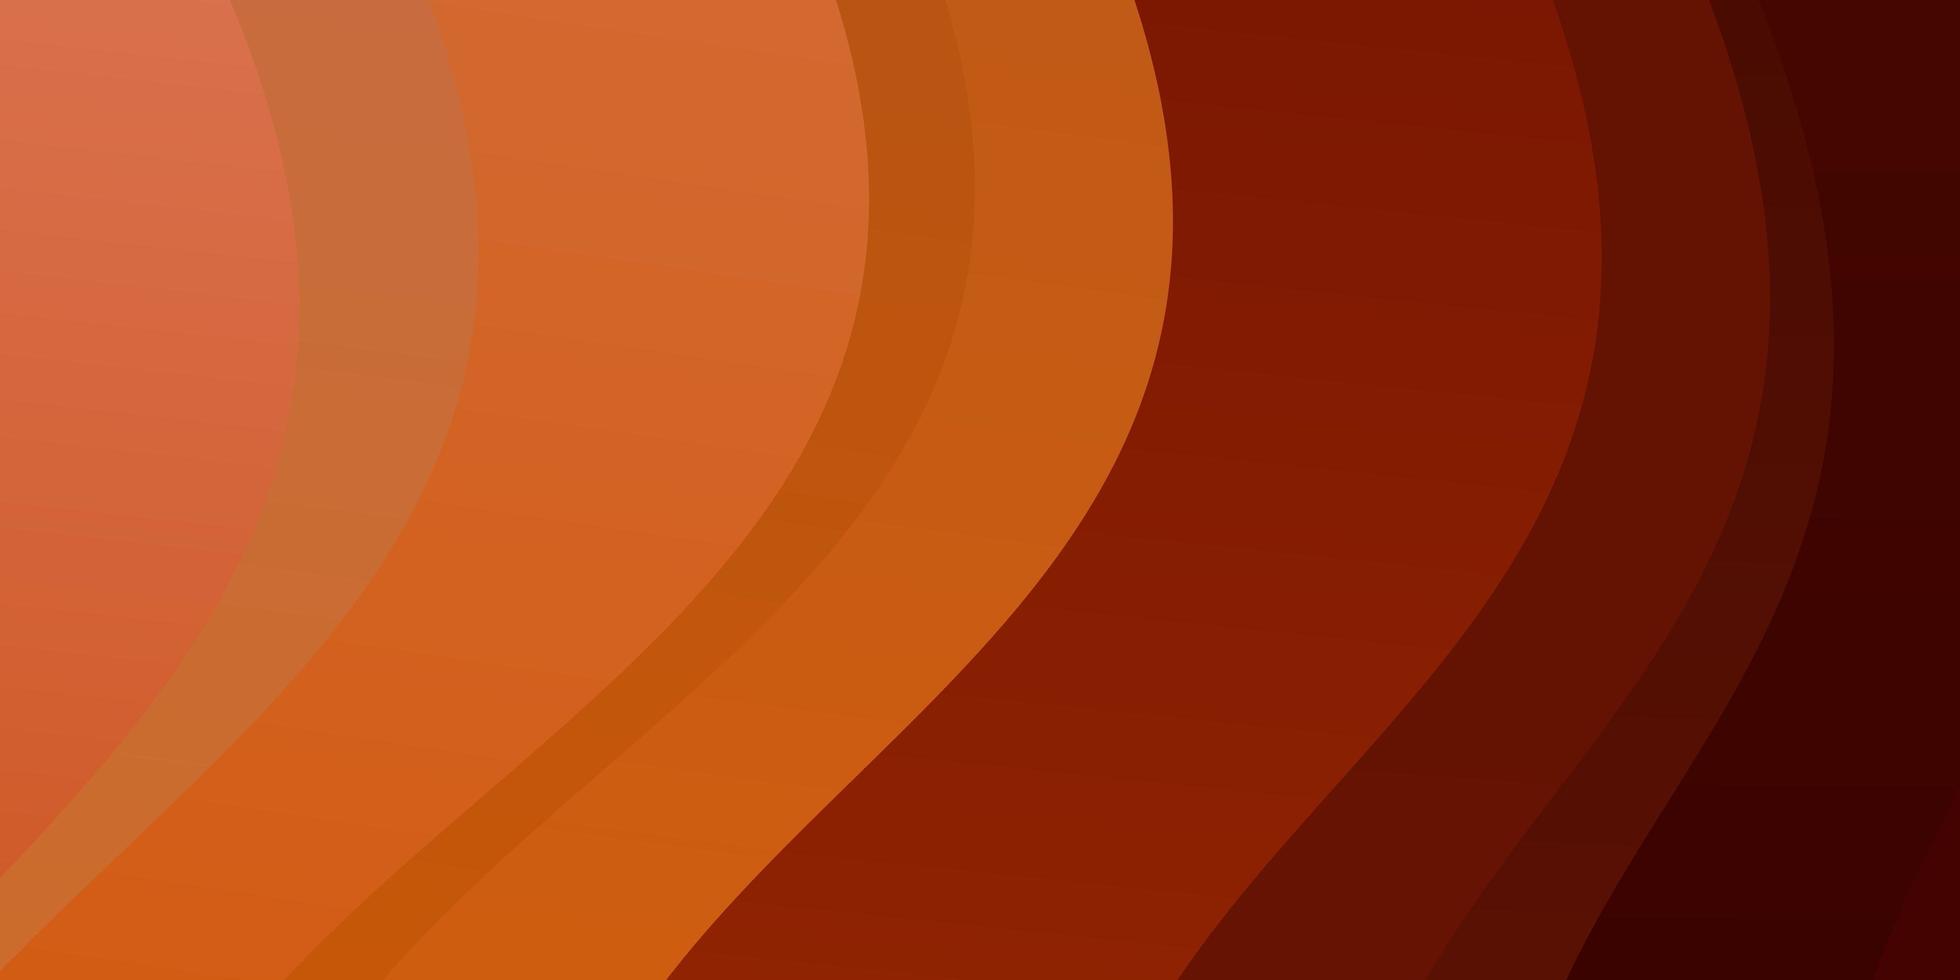 layout de vetor laranja claro com linhas irônicas.